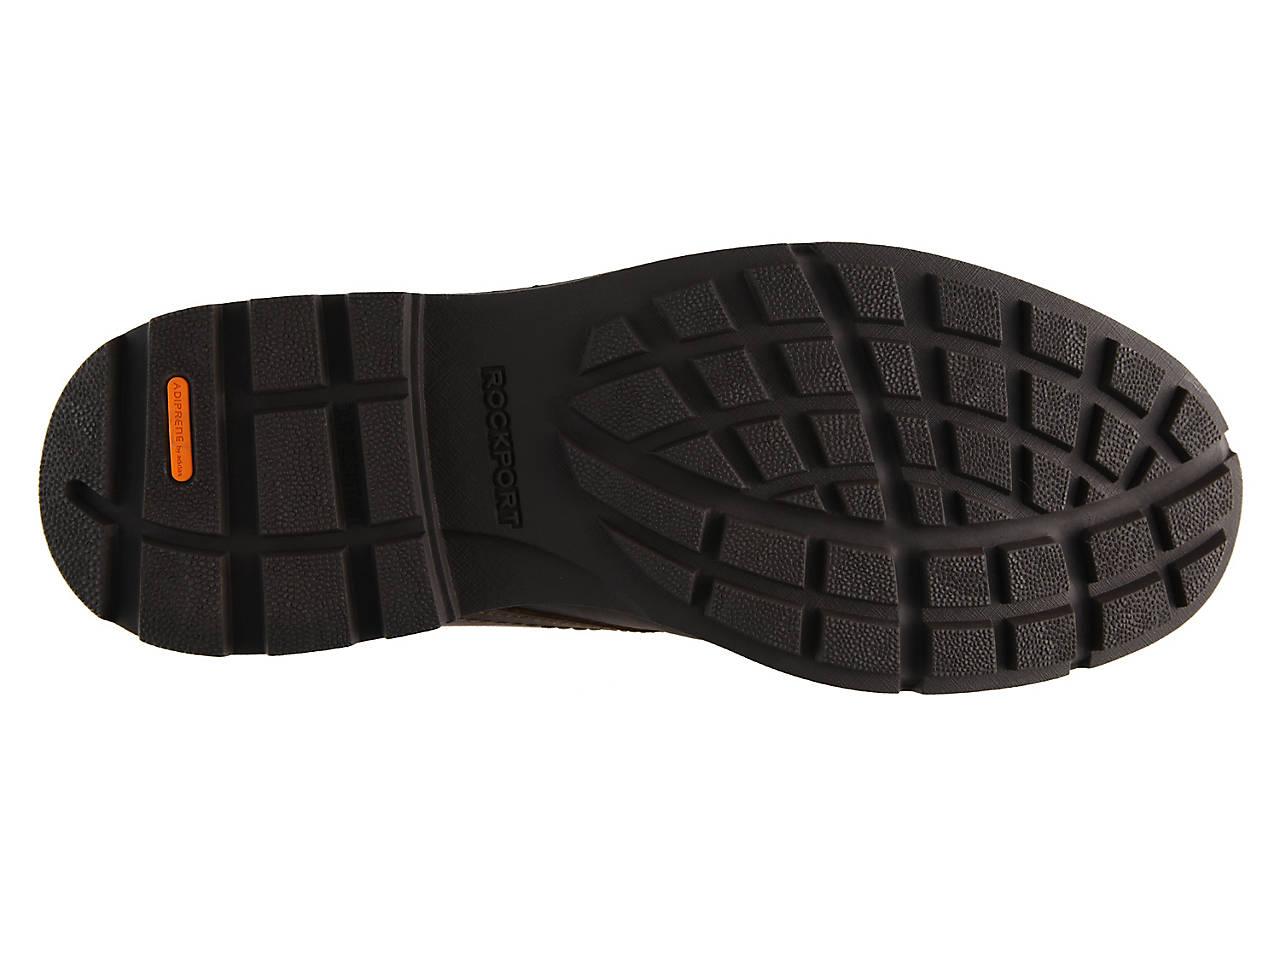 2c5c2b0cadf1 Rockport Storm Surge Boot Men s Shoes